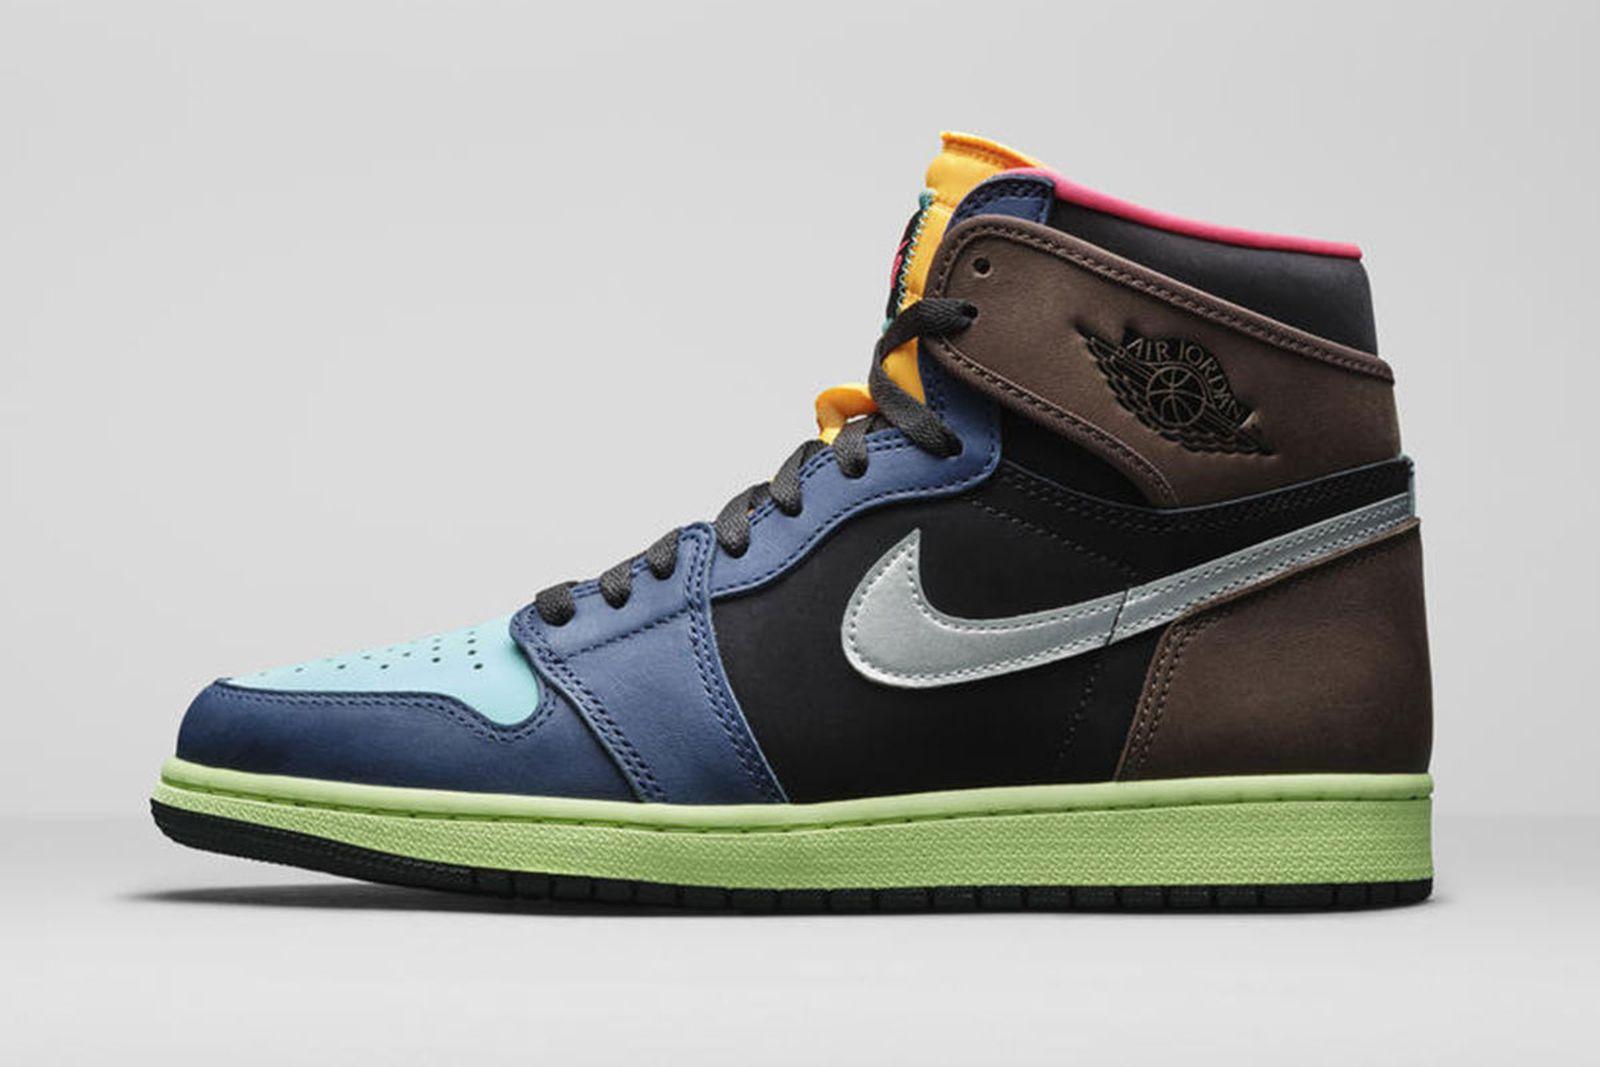 Jordan Brand Fall 2020 sneaker lineup air jordan 1 brown blue green